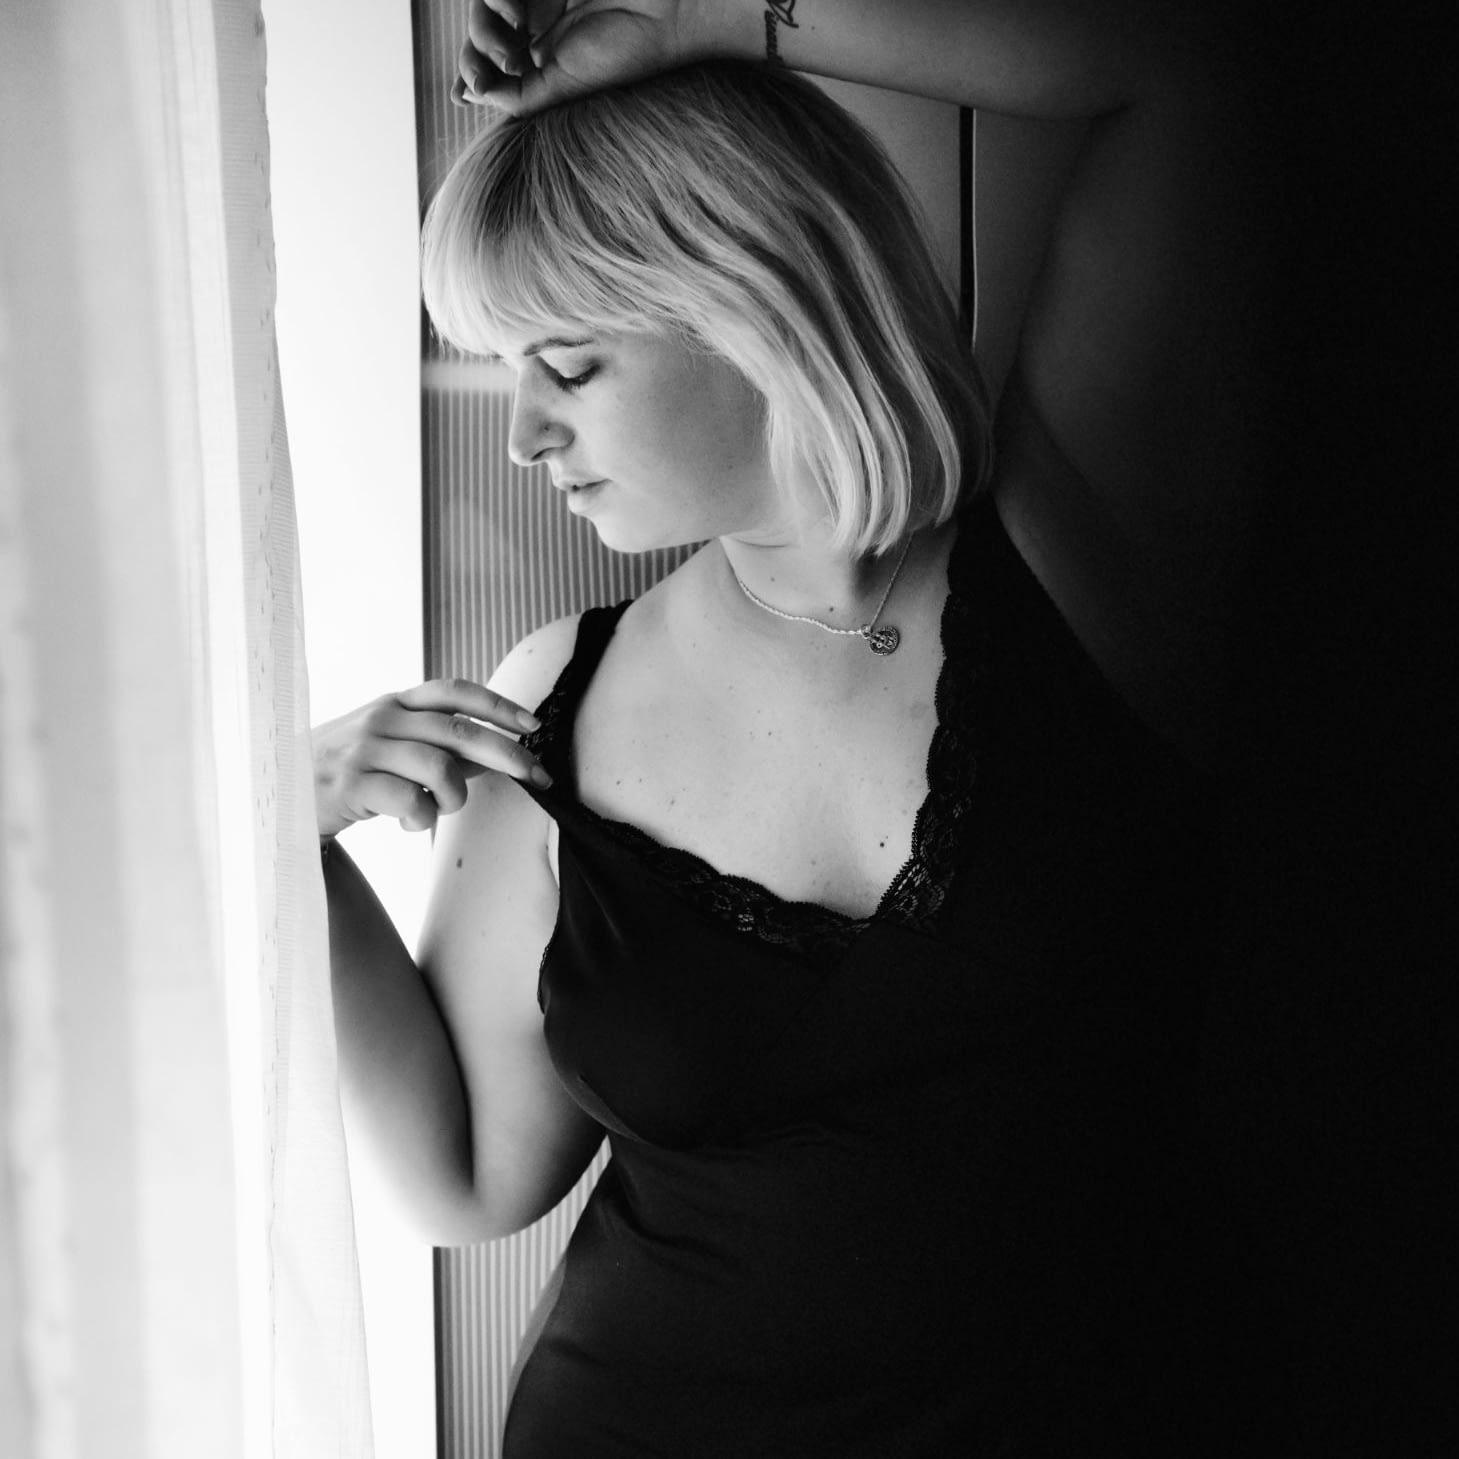 alina-botica-fotograf-portret-rawyou (3)